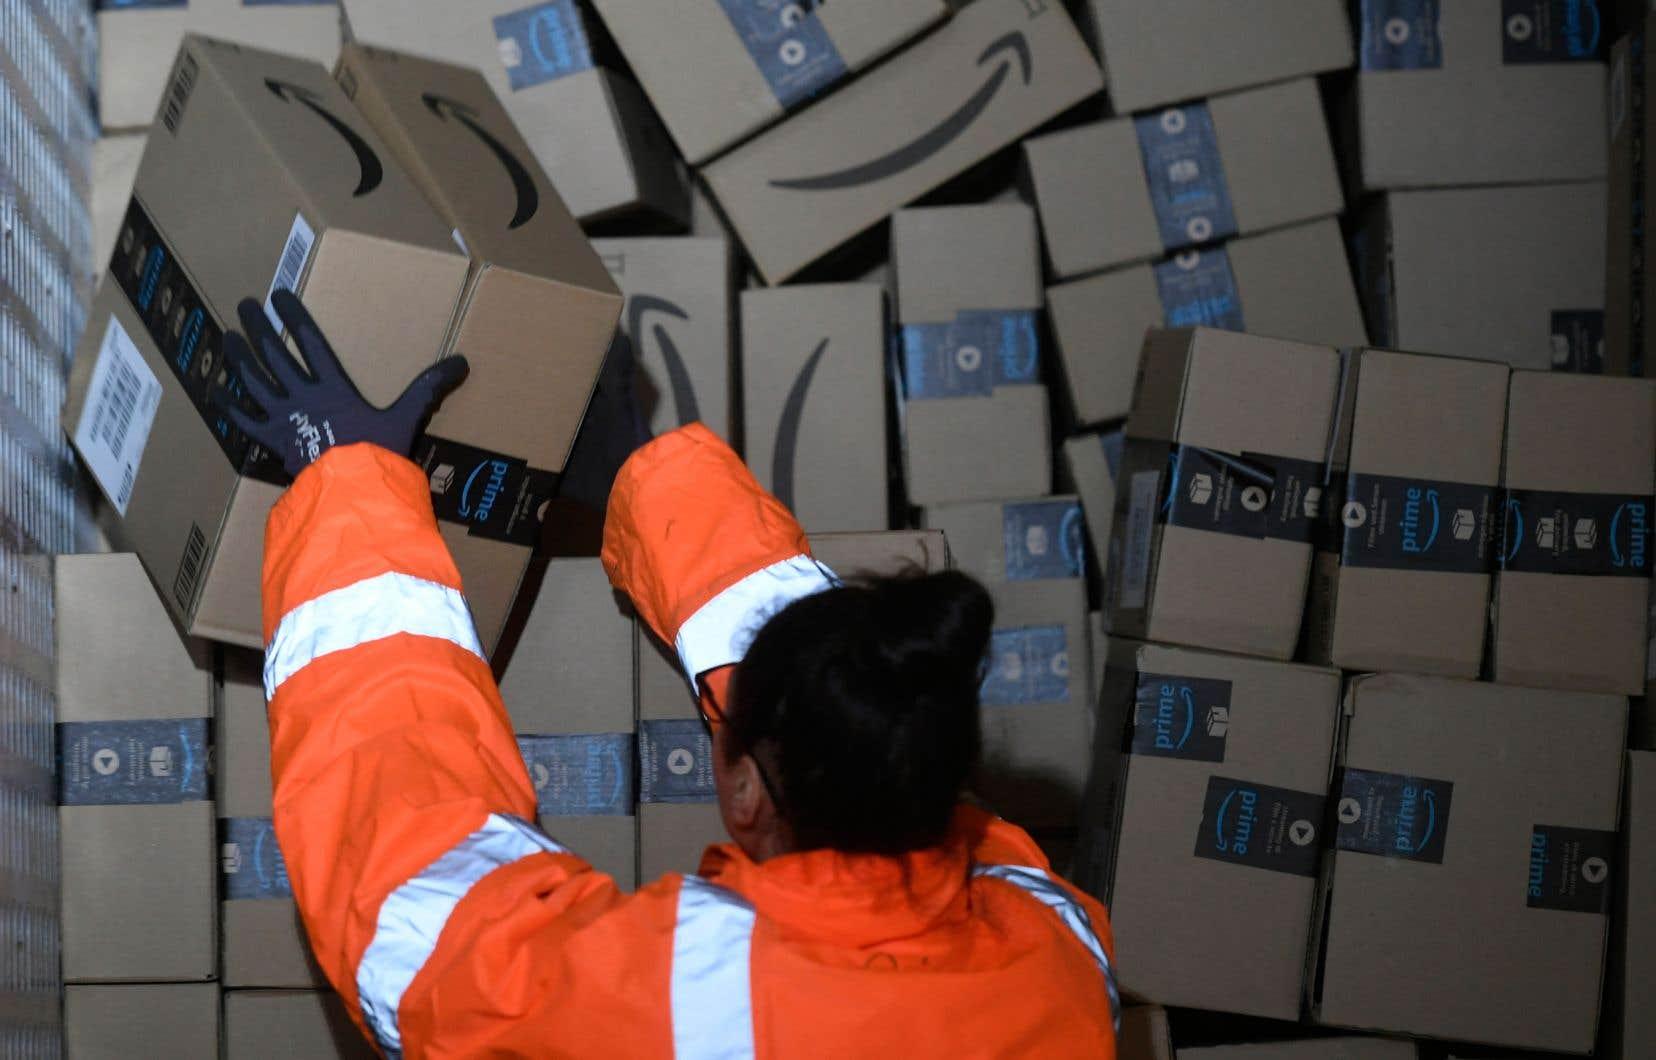 «Les travailleurs des sites Amazon se blessent plus souvent, et plus gravement que dans les entrepôts d'autres entreprises», a affirmé une coalition de syndicats, le Strategic organizing center, dans un rapport publié mardi.